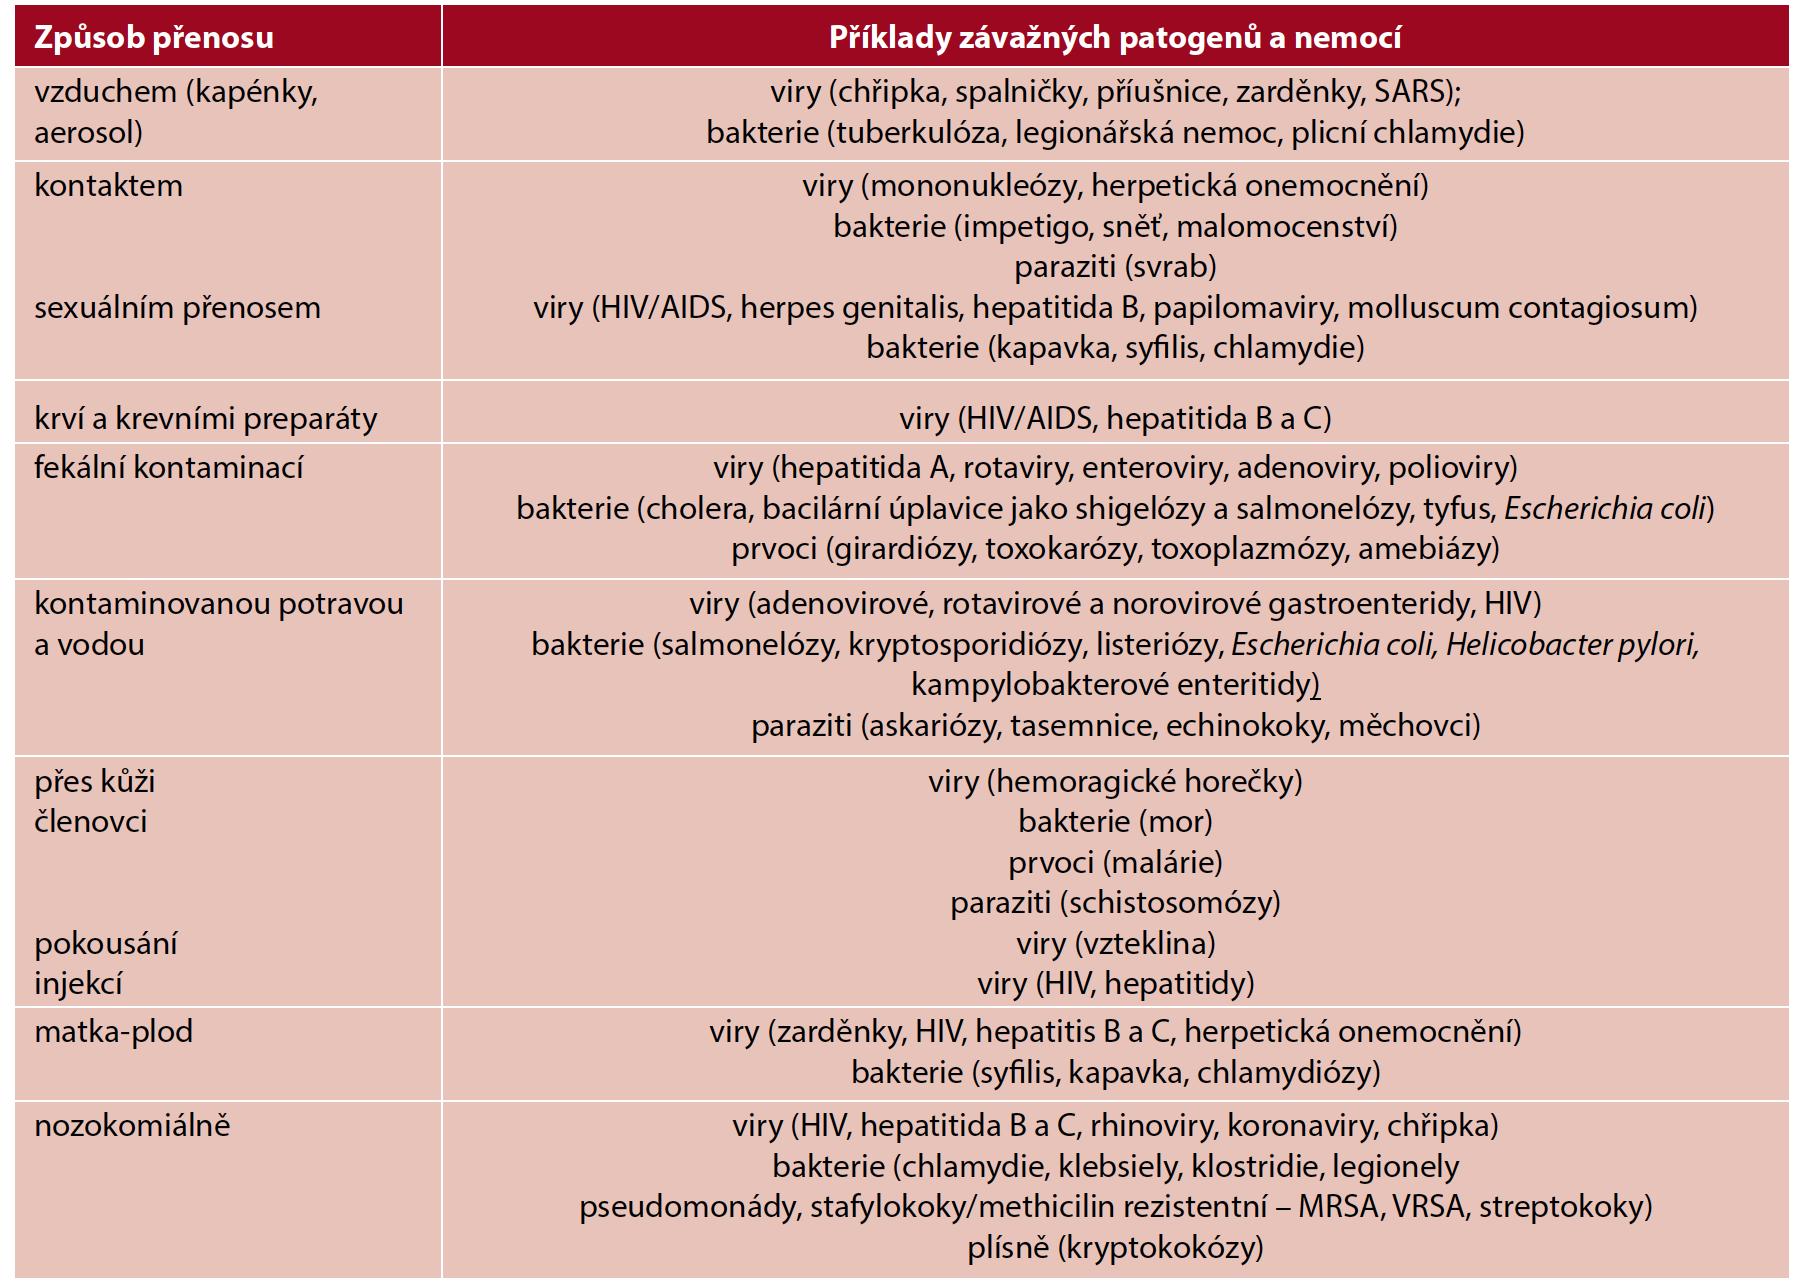 Základní způsoby přenosu nejzávažnějších infekčních nemocí